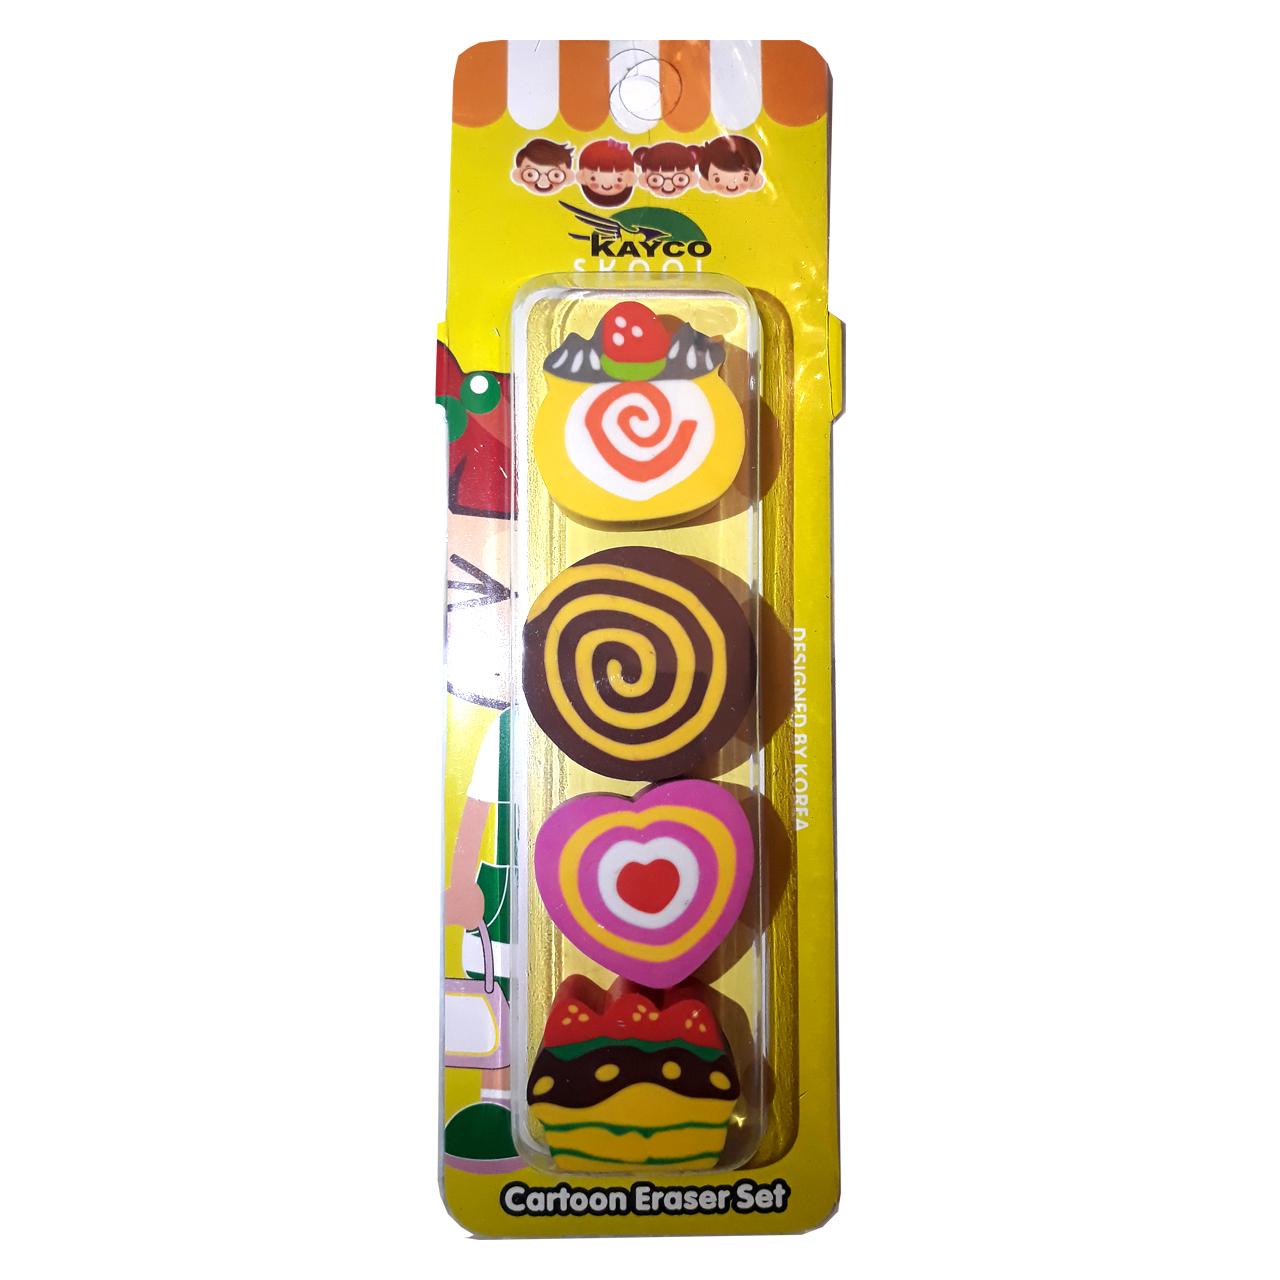 پاک کن کایکو مدل شیرینی بسته 4 عددی